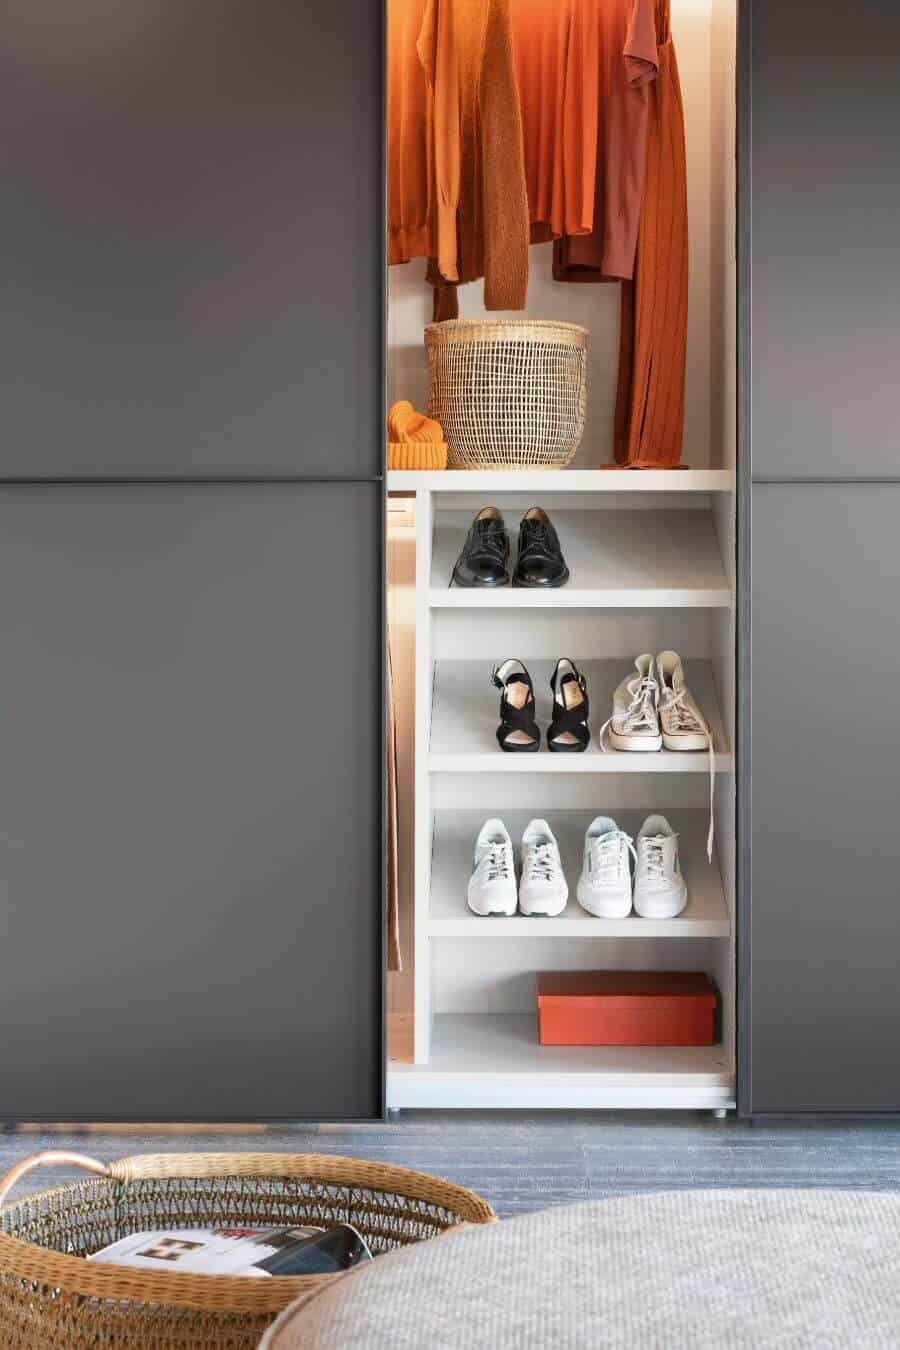 armadio-scorrevole-collezione-indianapolis-il-mobile (3)